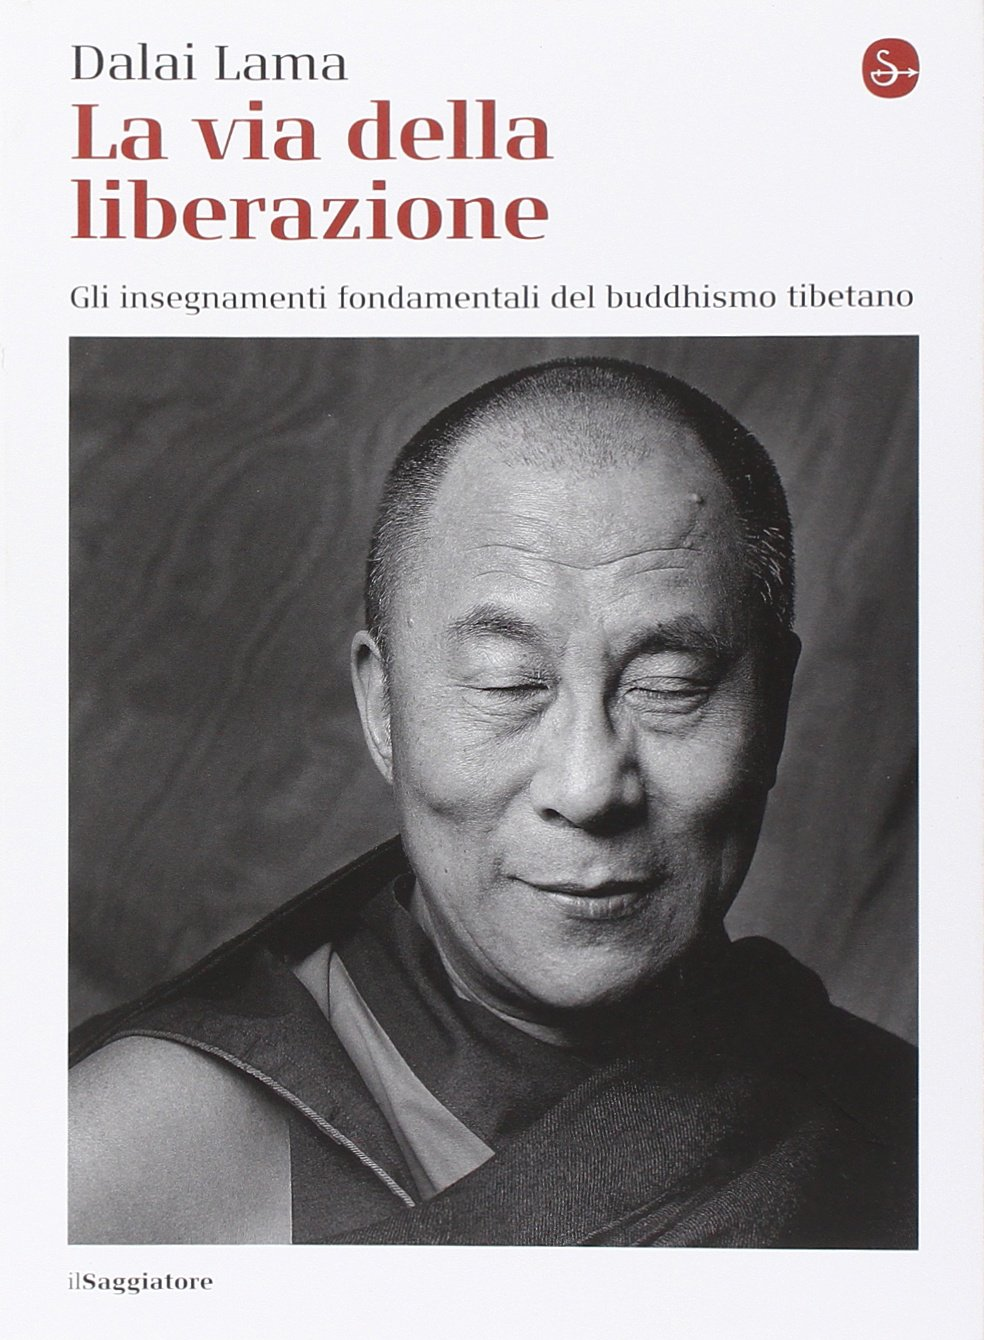 La via della liberazione. Gli insegnamenti fondamentali del buddhismo tibetano Copertina flessibile – 11 dic 2014 Gyatso Tenzin (Dalai Lama) Il Saggiatore 8842820881 Buddismo tibetano